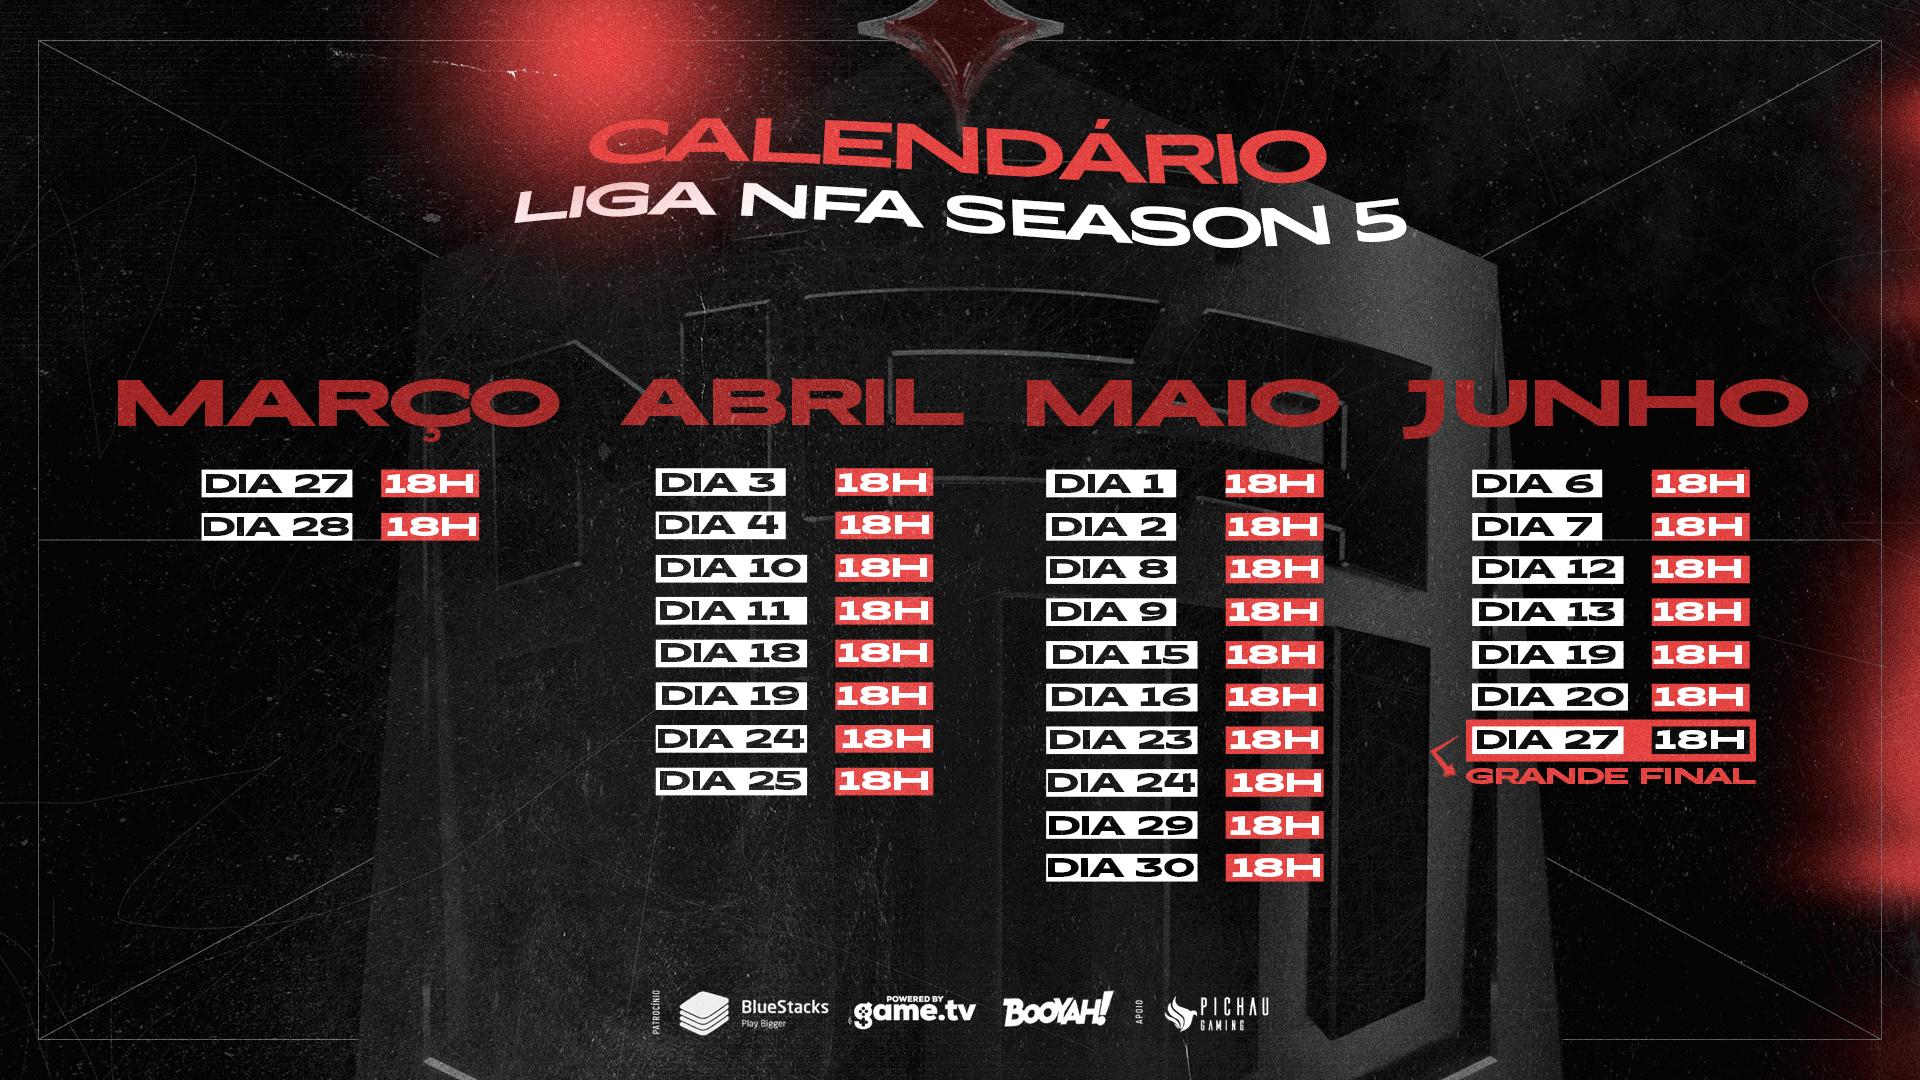 Calendário-_Liga-NFA